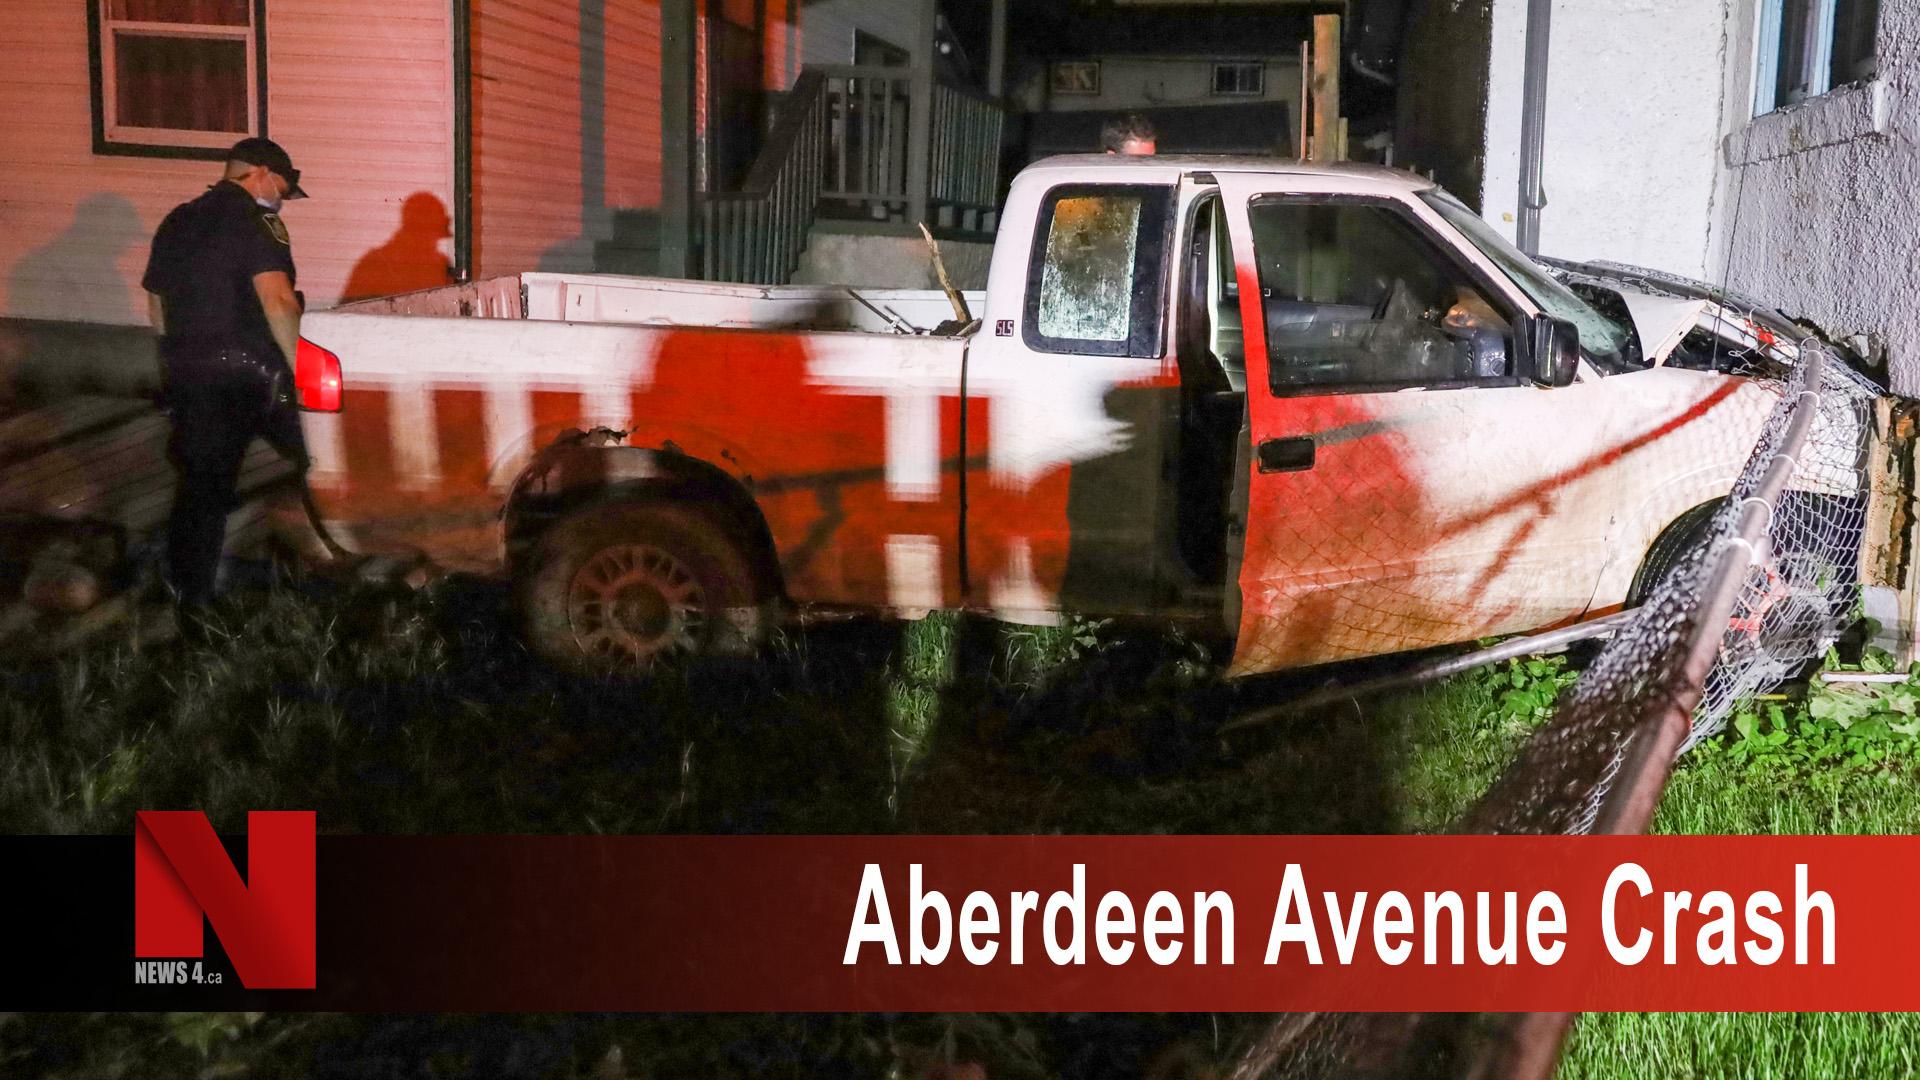 Aberdeen Avenue Crash